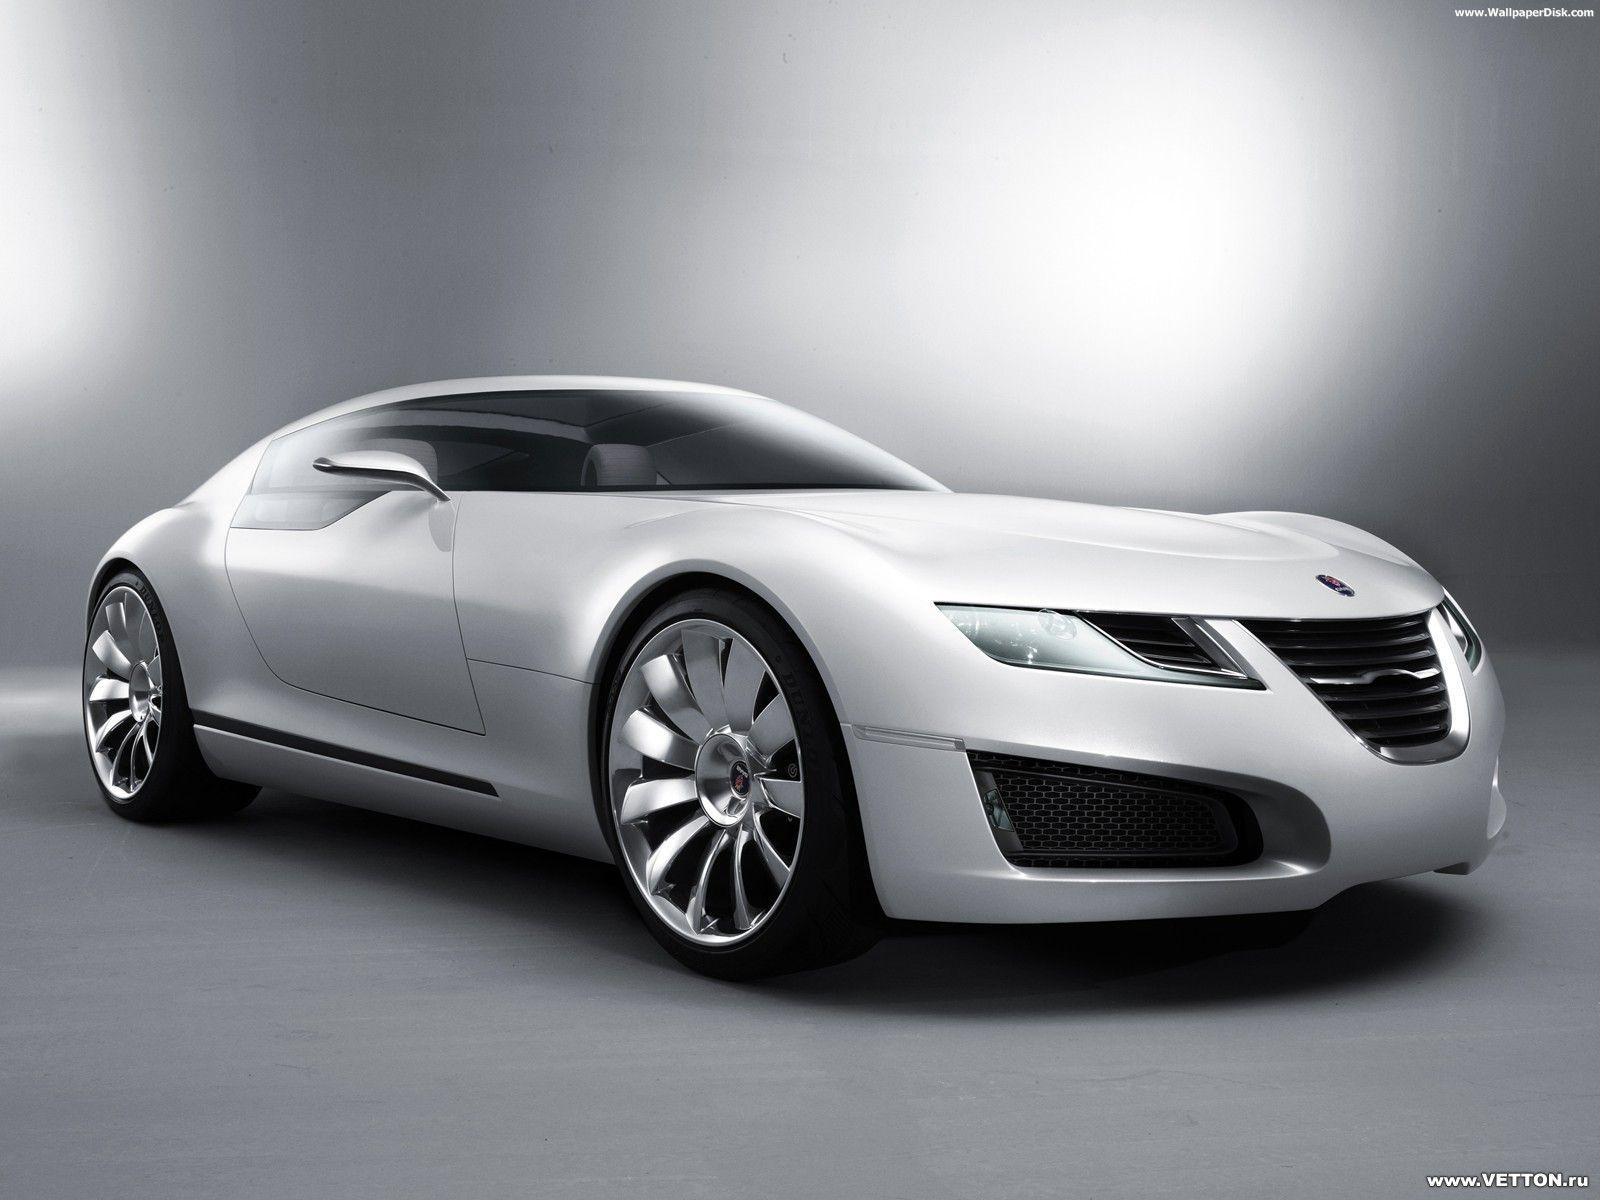 fast cars hd wallpapers fast cars hd wallpapers fast cars 1600x1200